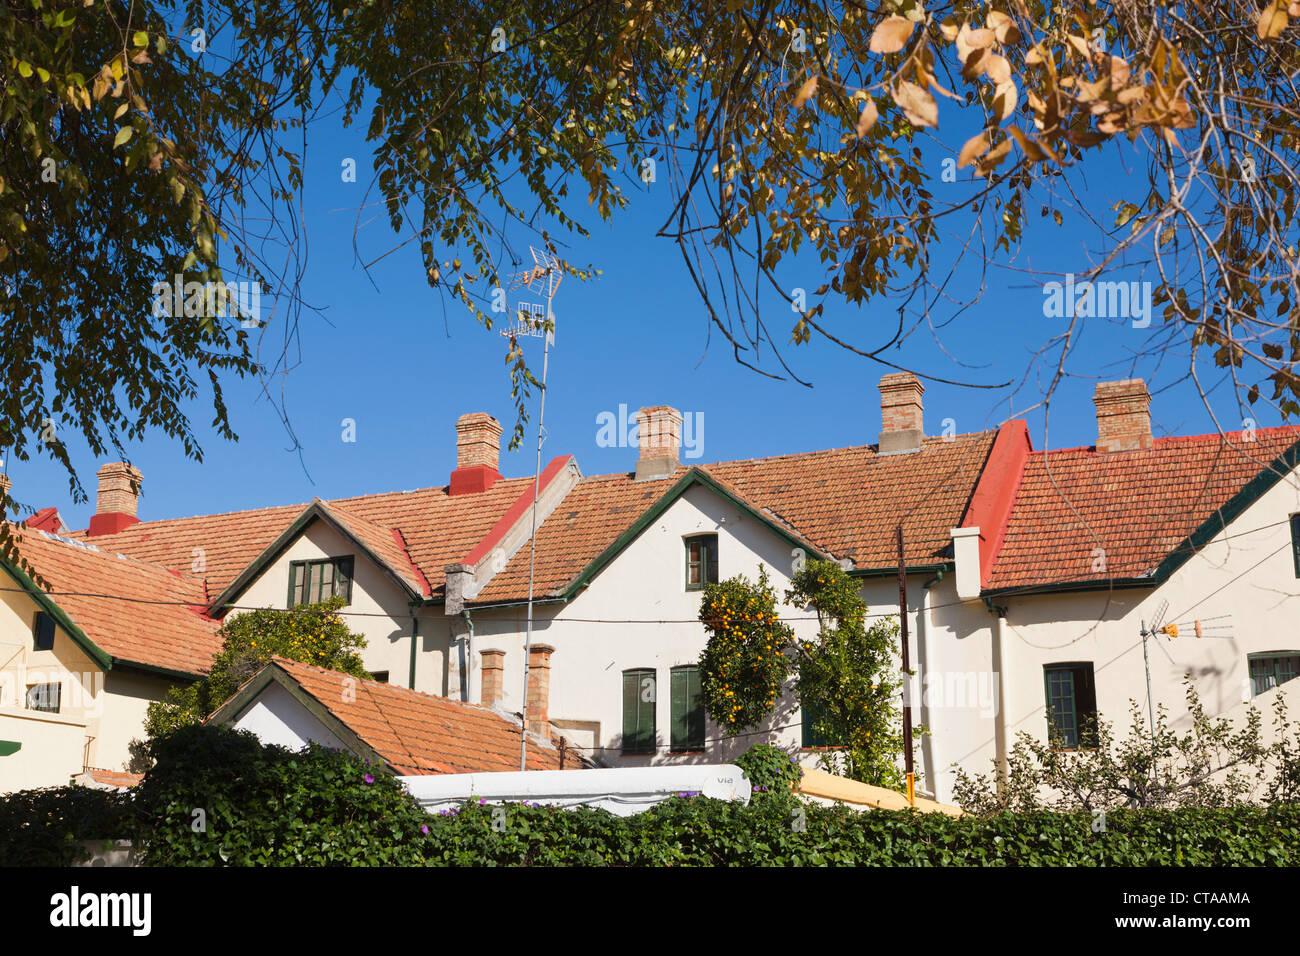 Englischen Stil Häuser in Barrio Ingles Bella Vista auf Minas de Rio Tinto, Provinz Huelva, Andalusien, Südspanien. Stockbild